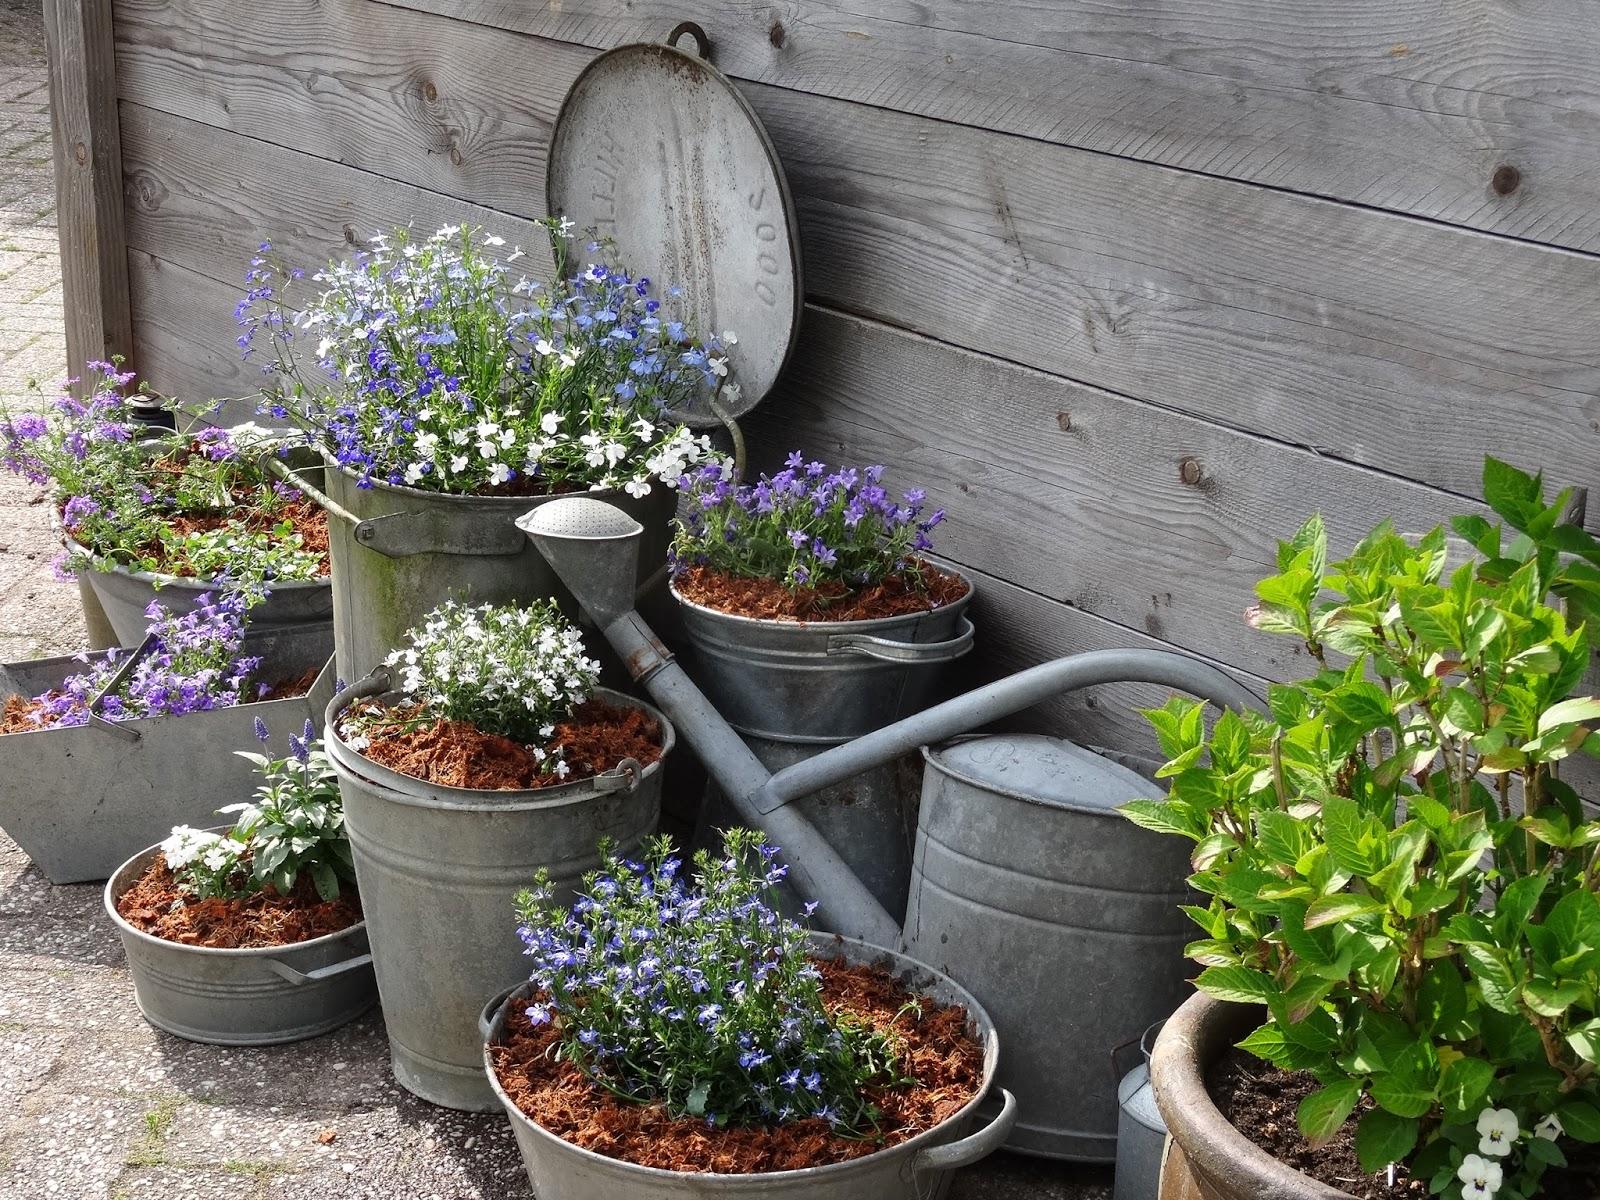 Récup au jardin : 20 idées pour décorer sans rien dépenser DSC03244